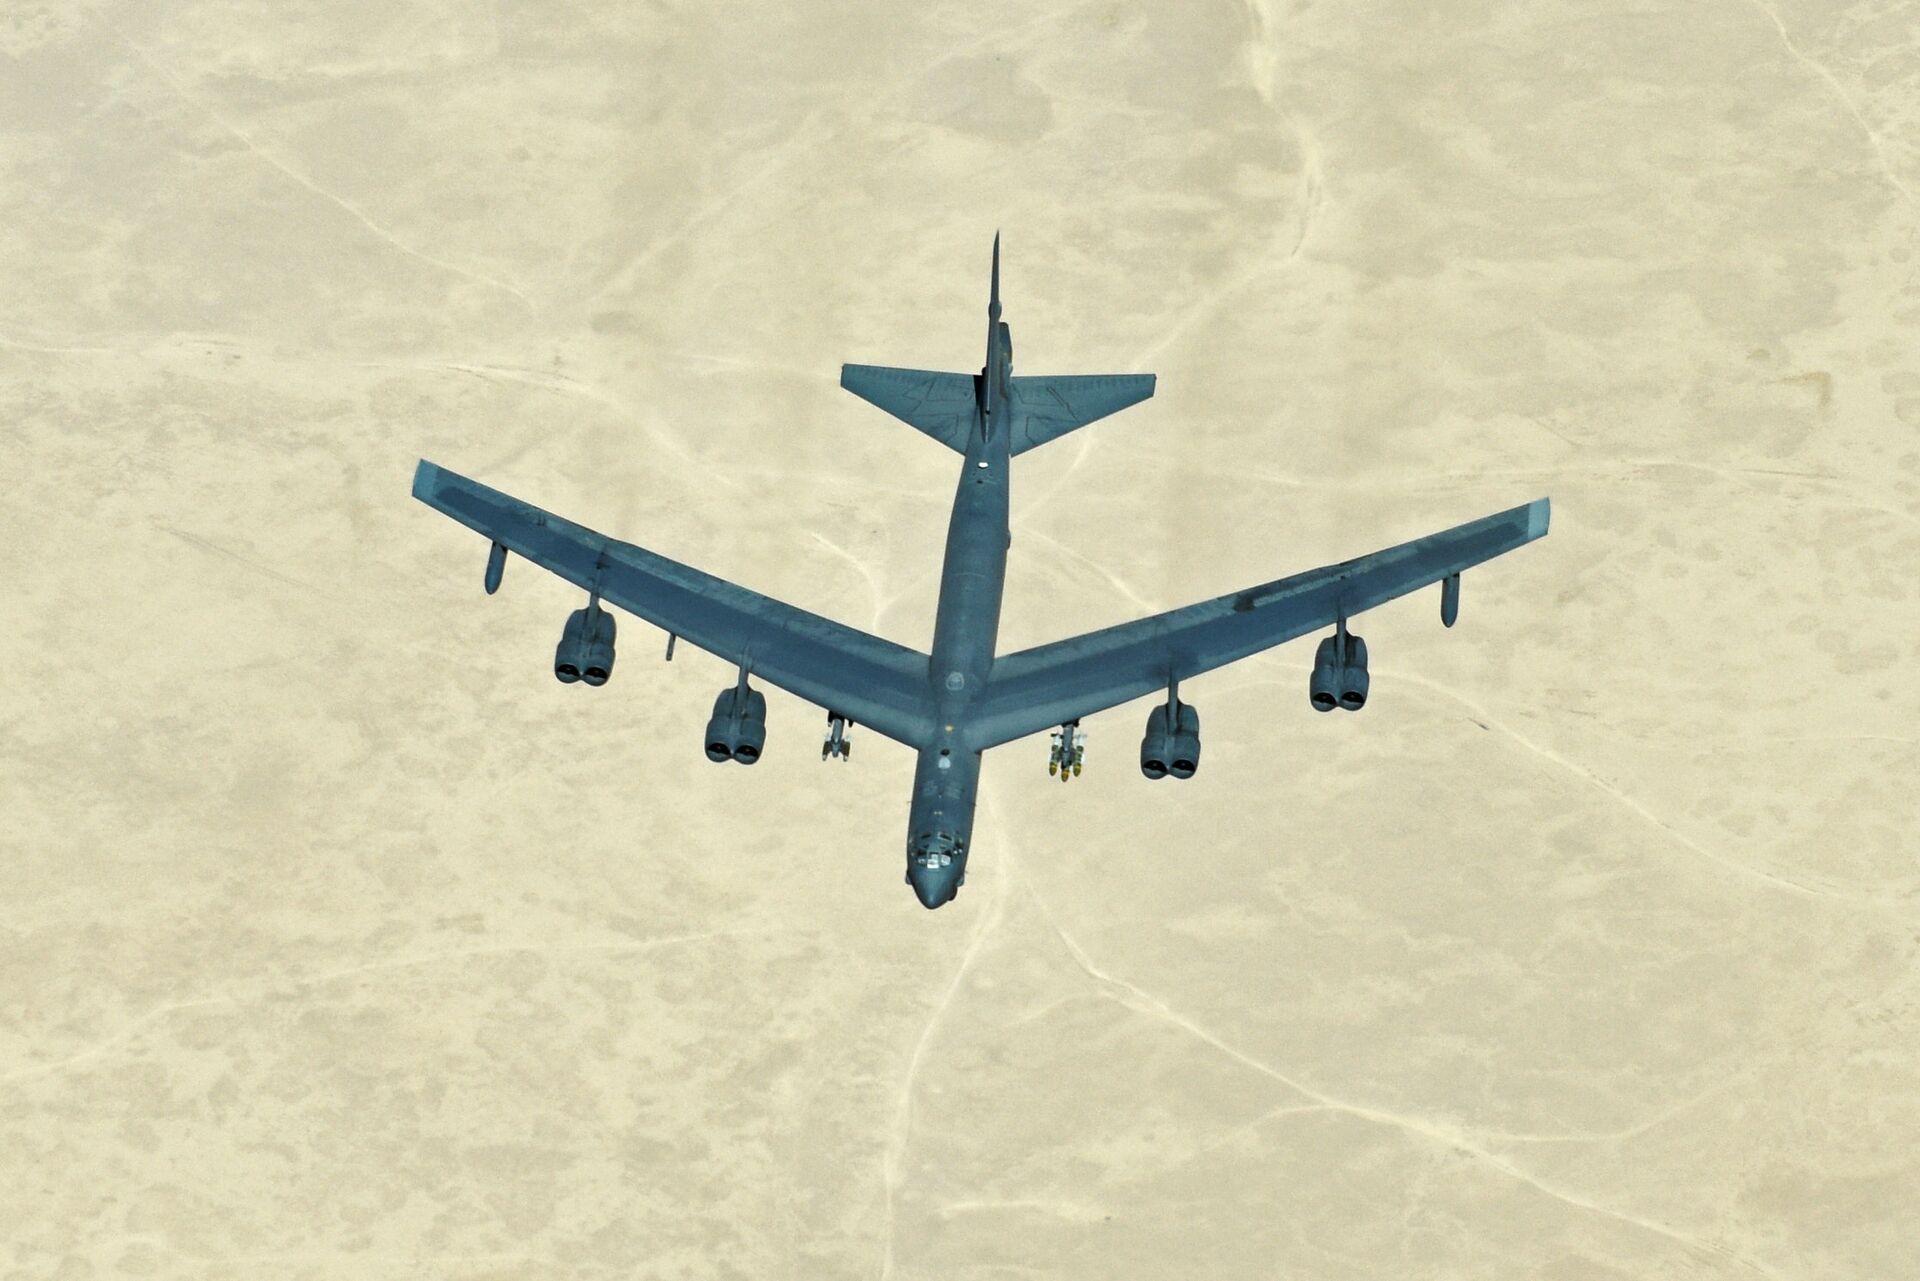 Американский стратегический бомбардировщик B-52 в небе над Сирией - РИА Новости, 1920, 19.03.2021